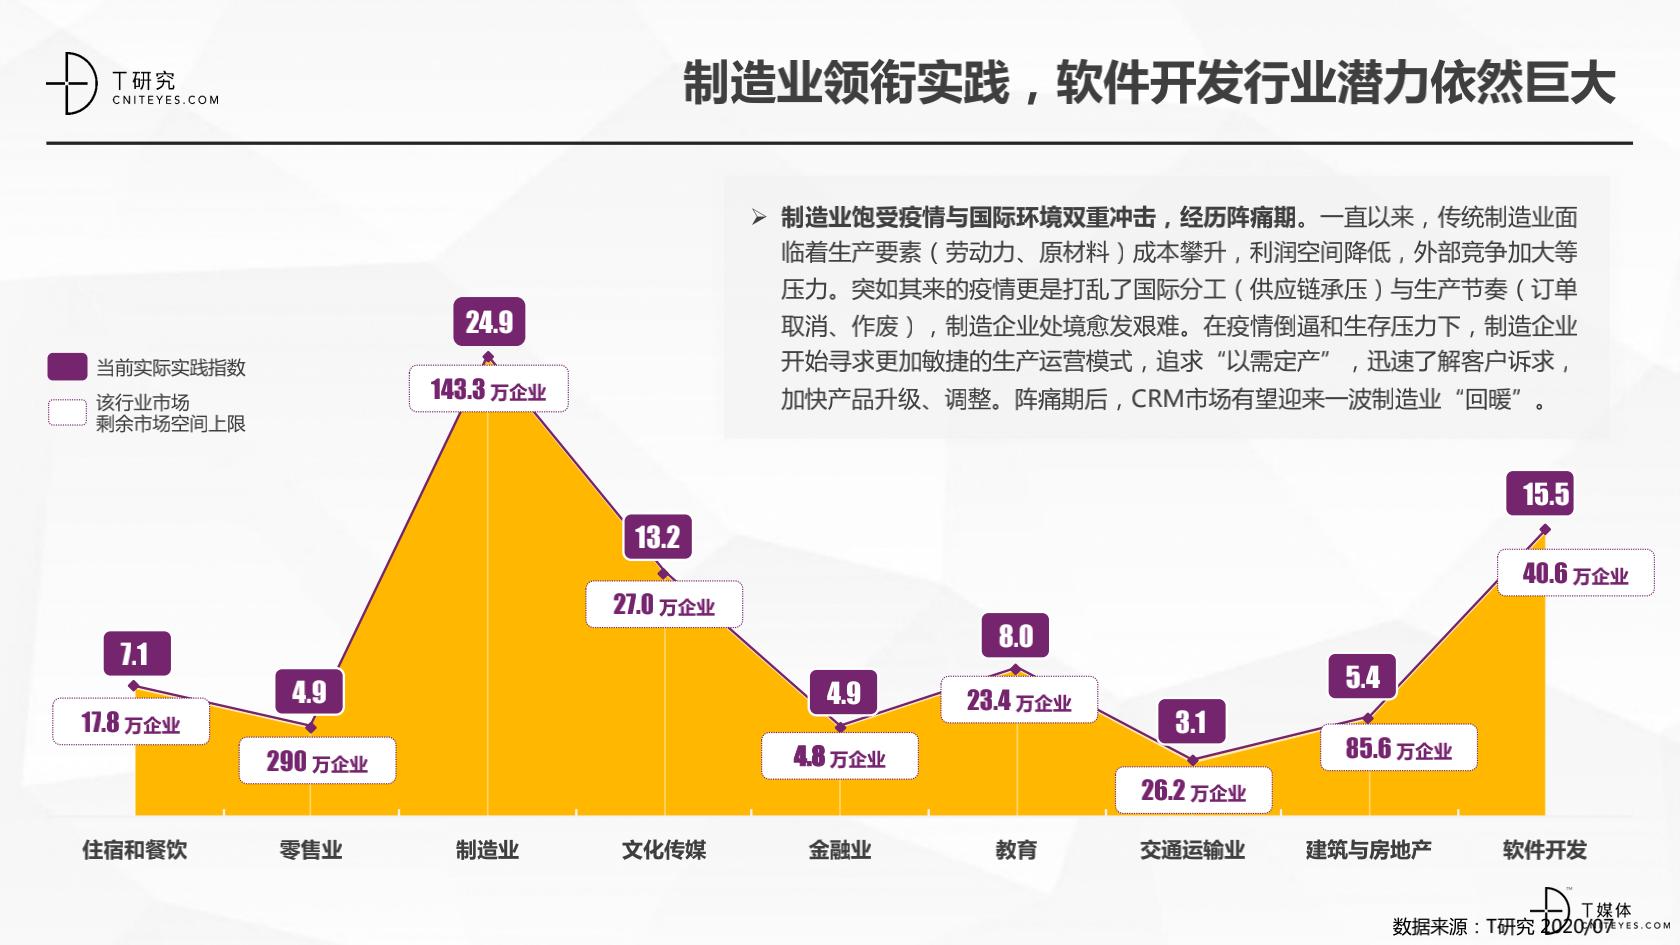 2_2020中国CRM指数测评报告v1.5_14.png